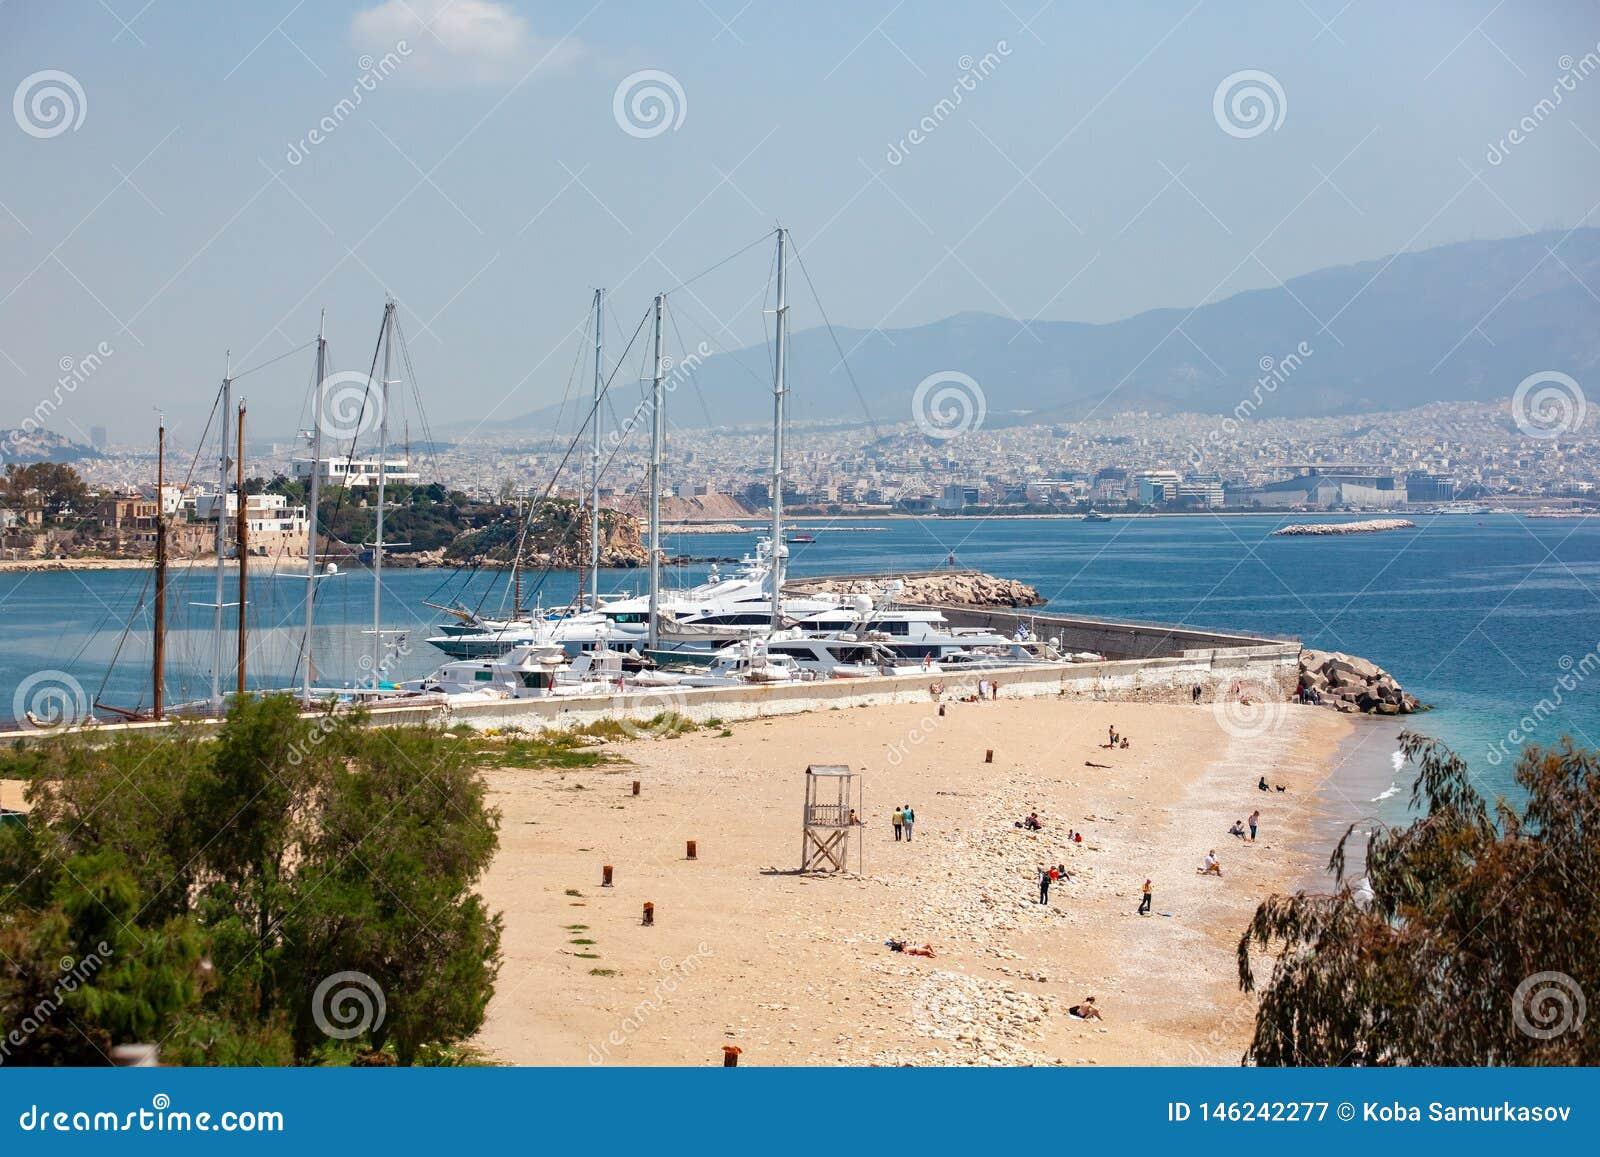 Kleine Segelboote und Yachten angekoppelt am Hafen von Pir?us, Griechenland